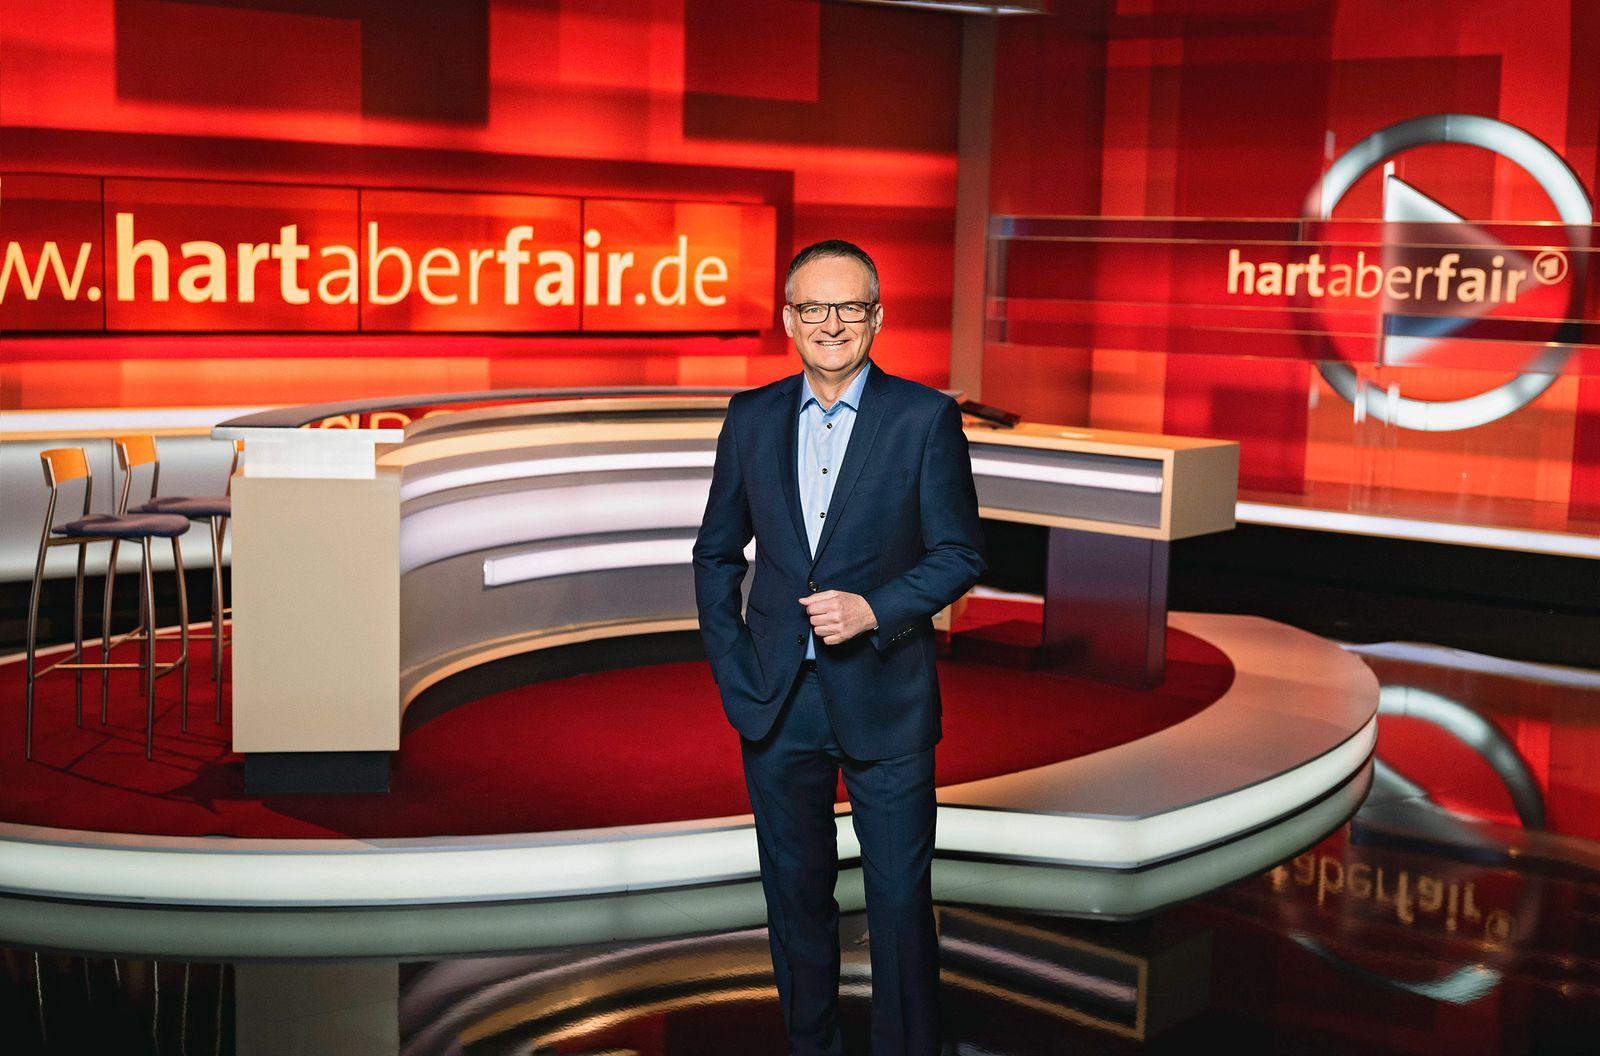 TV-Ausblick ARD/WDR - «Hart aber fair»